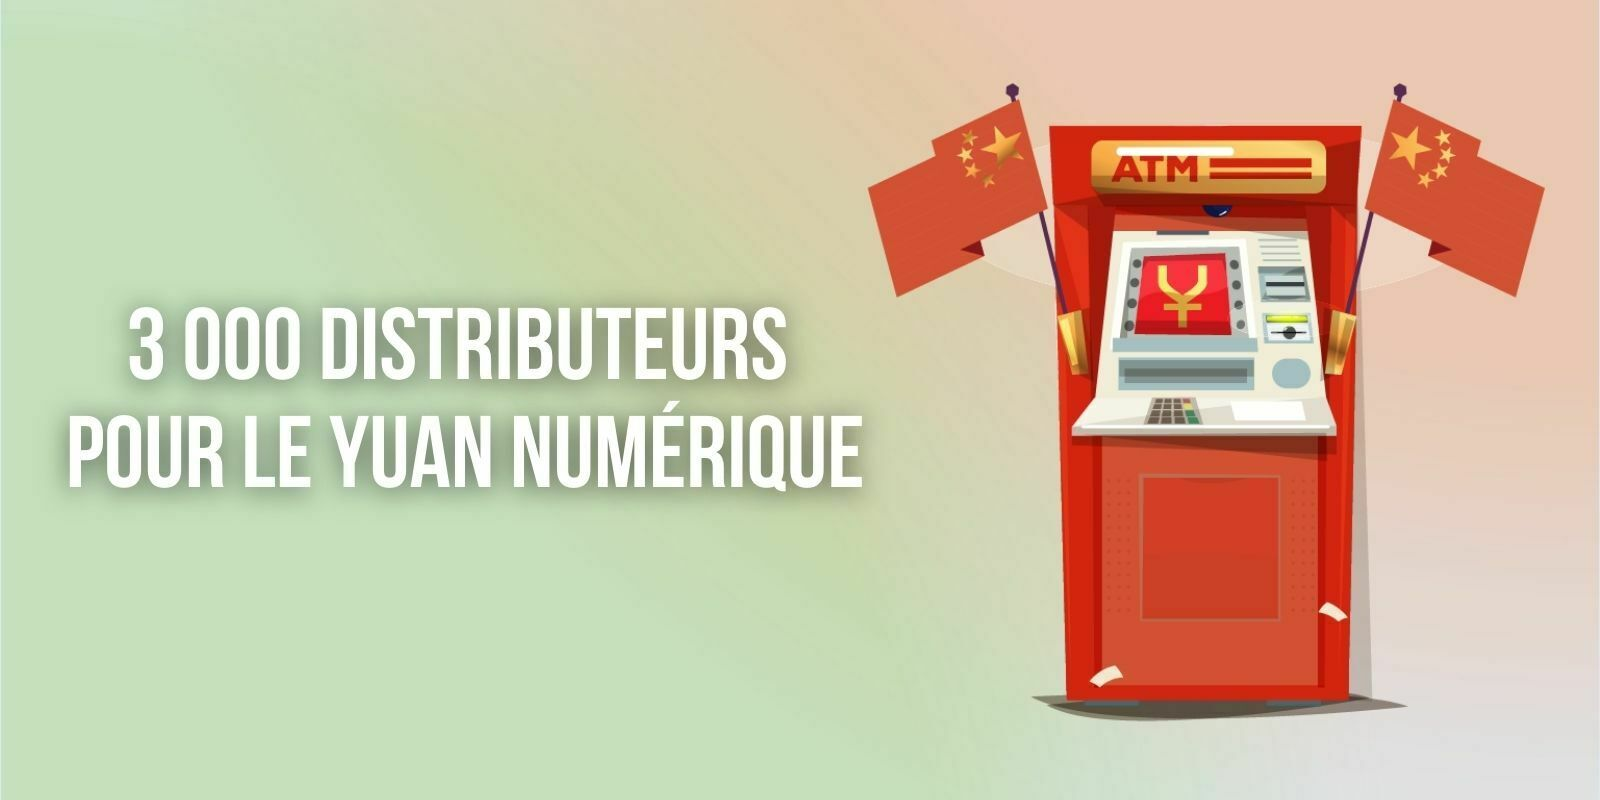 La Chine déploie plus de 3 000 ATMs dédiés au yuan numérique à Pékin